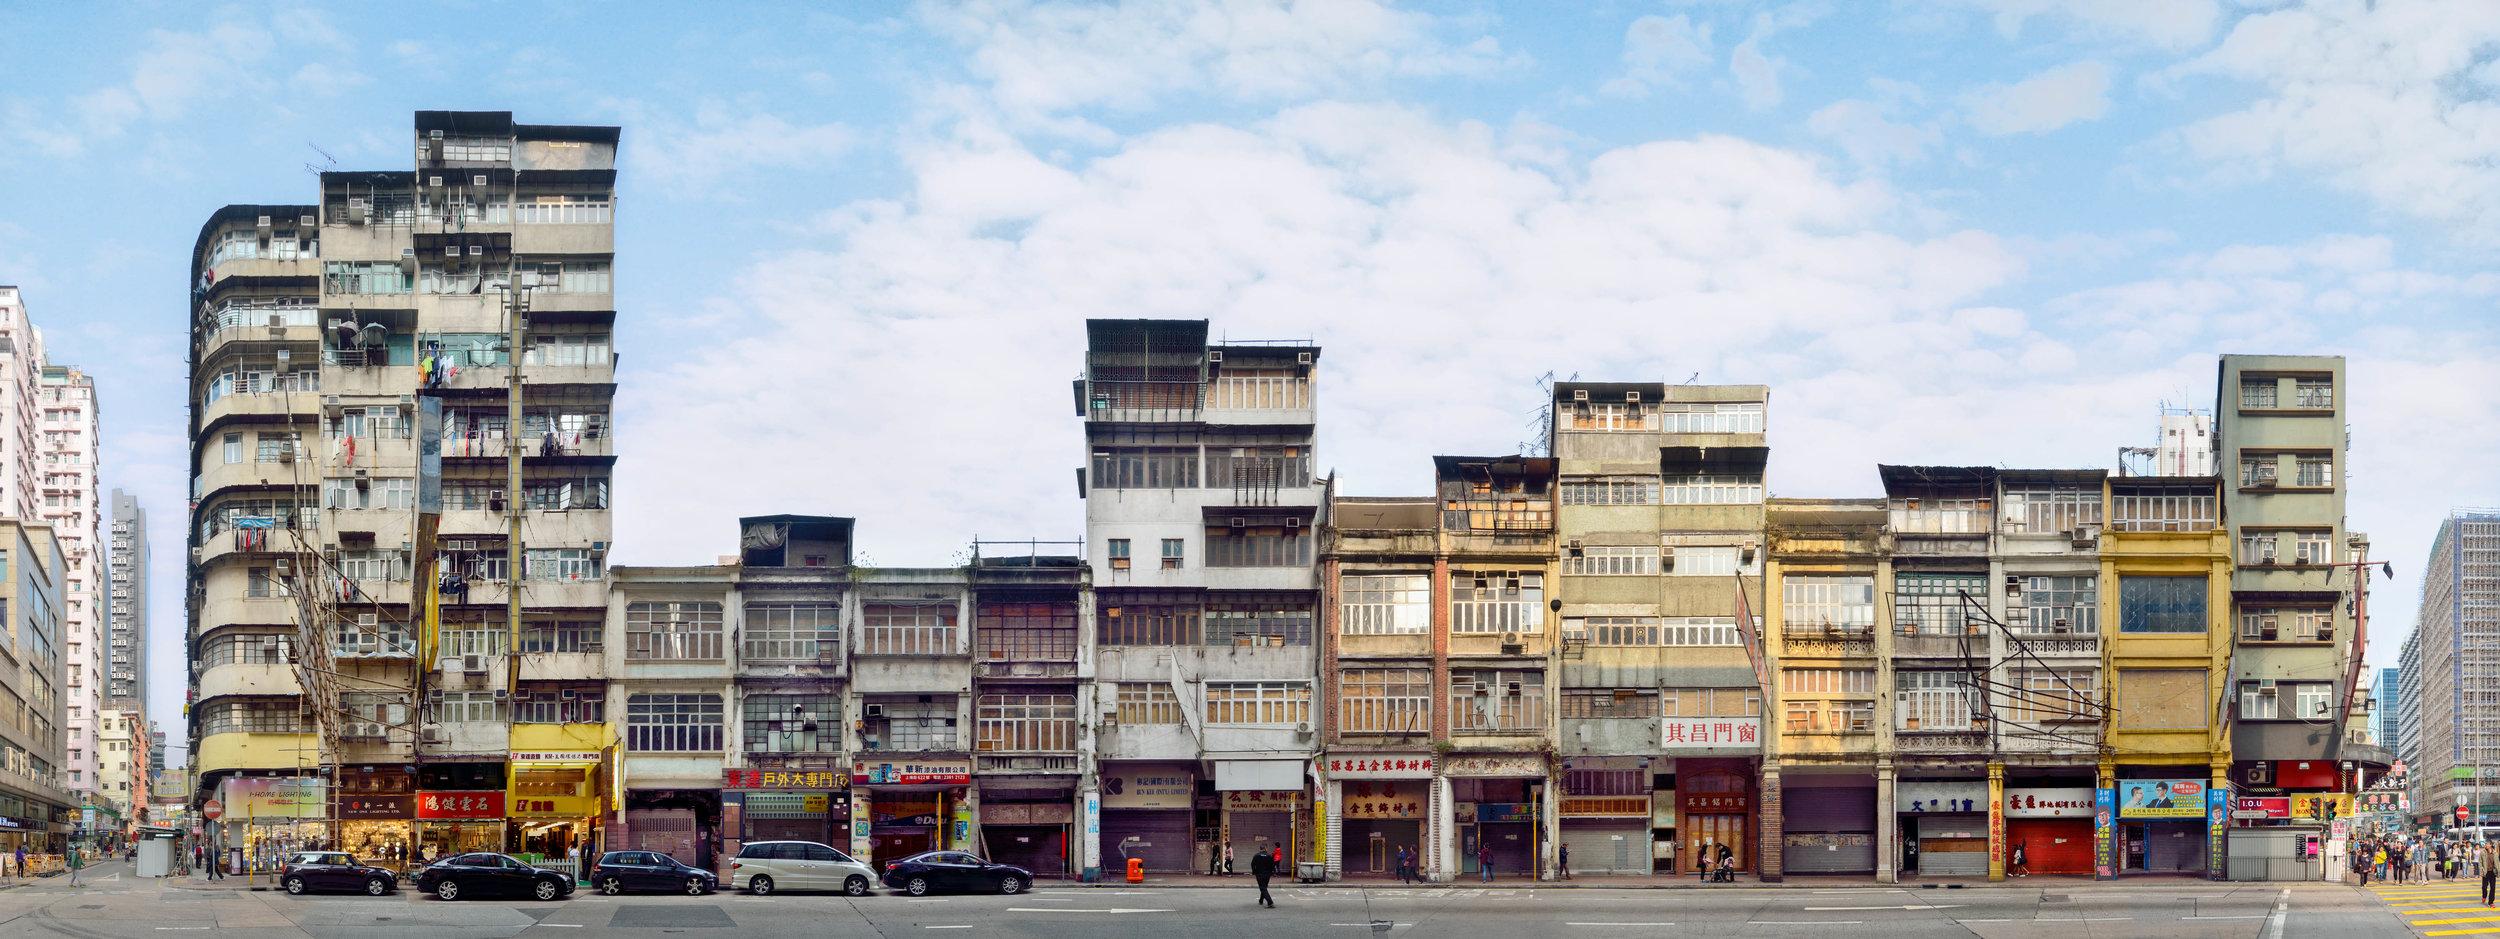 Irvine Hong Kong 3.jpg